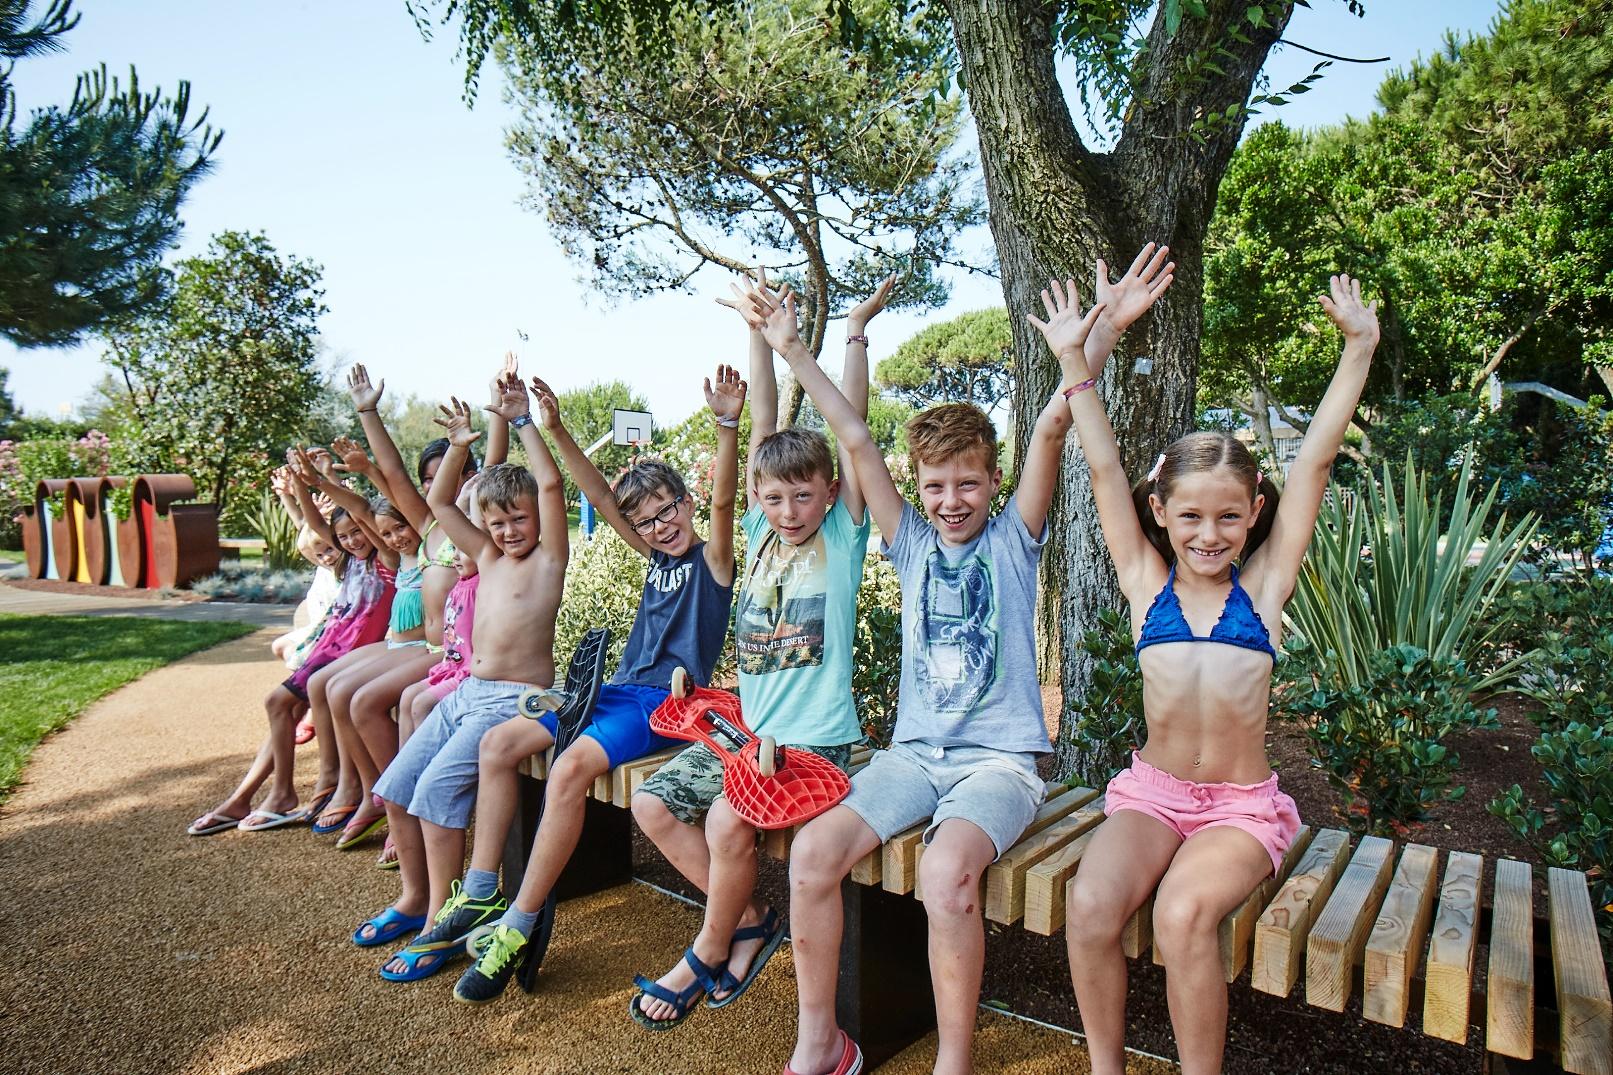 2 Kinderfreundliches Feriendorf an der Adria - Camping Village Dei Fiori Cavallino